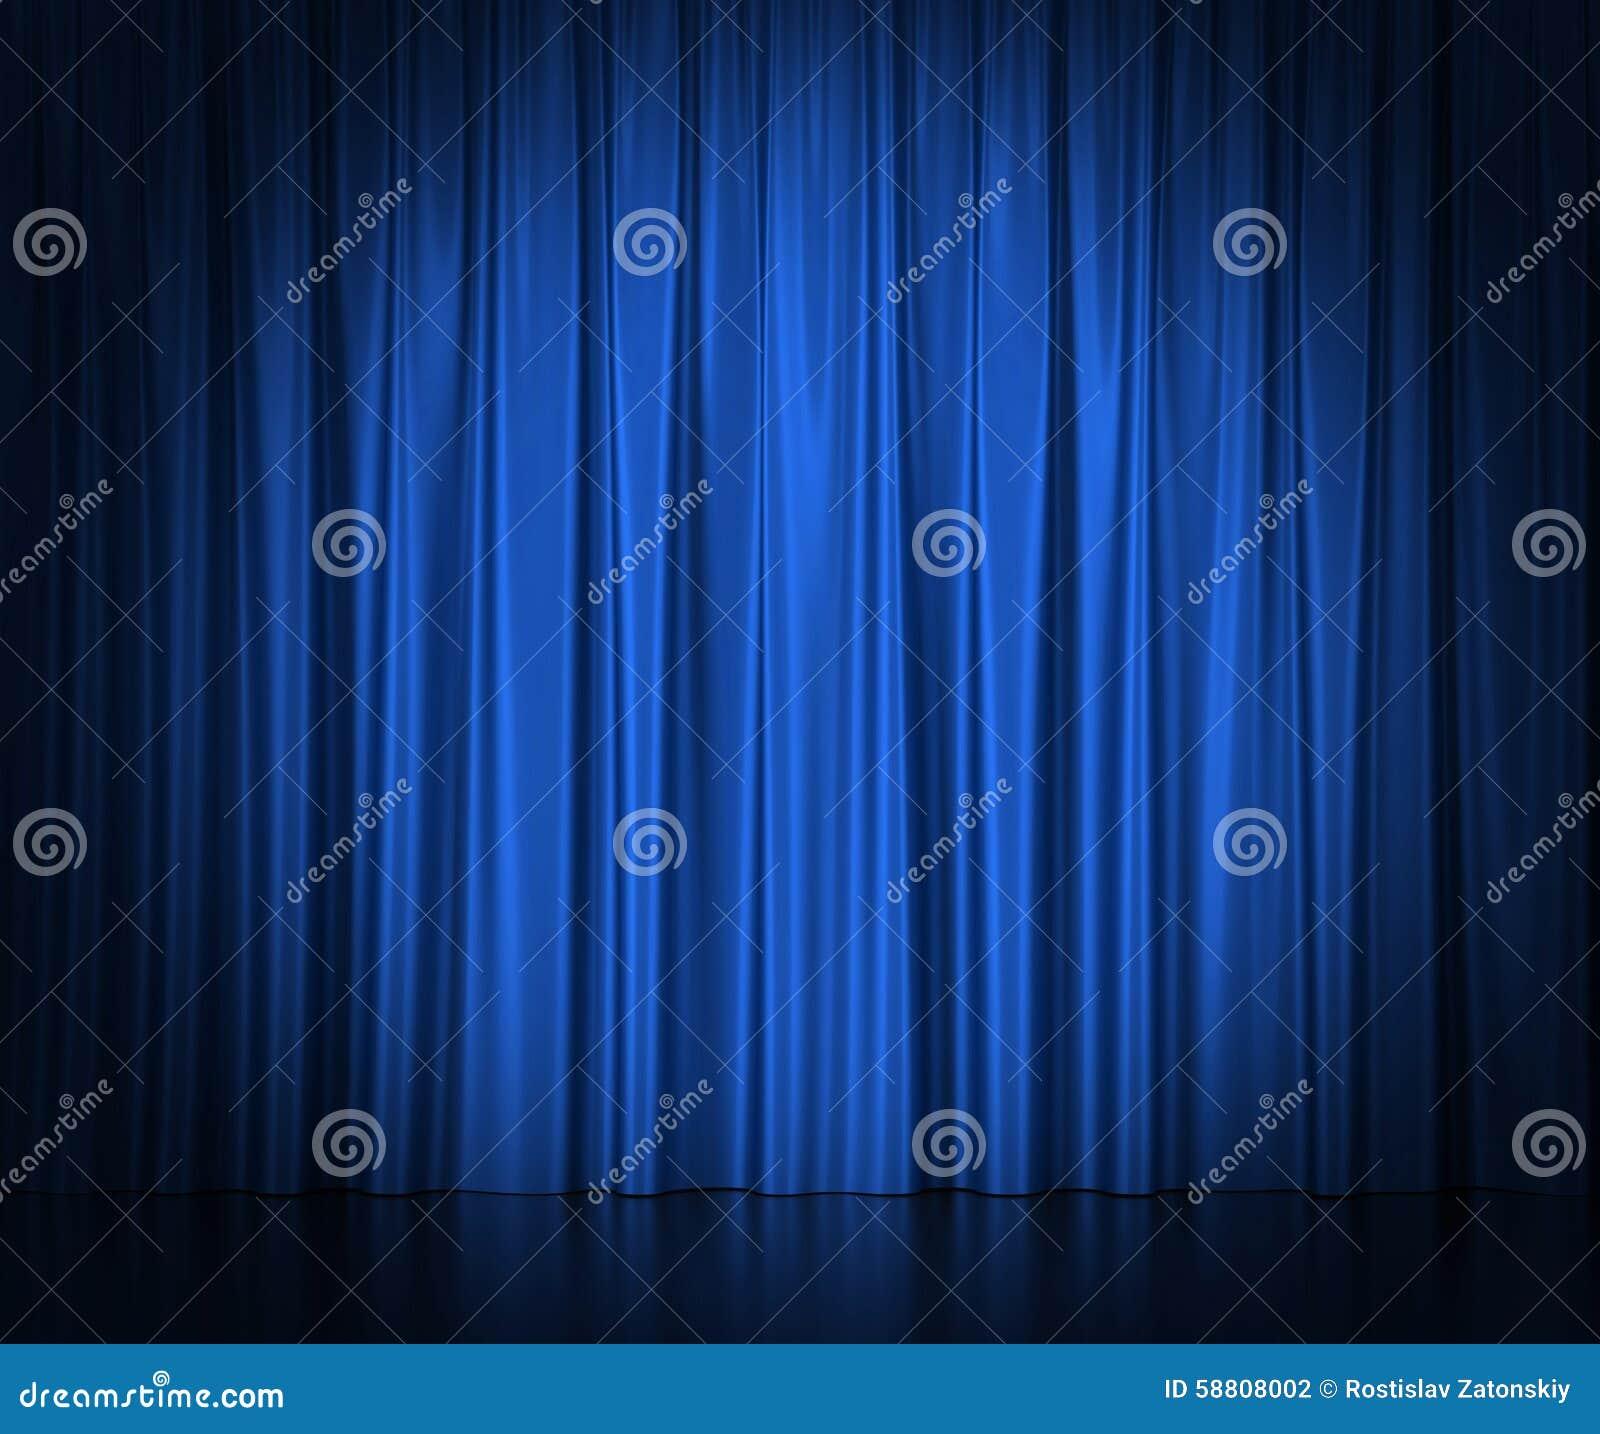 Голубые silk занавесы для spotlit театра и кино